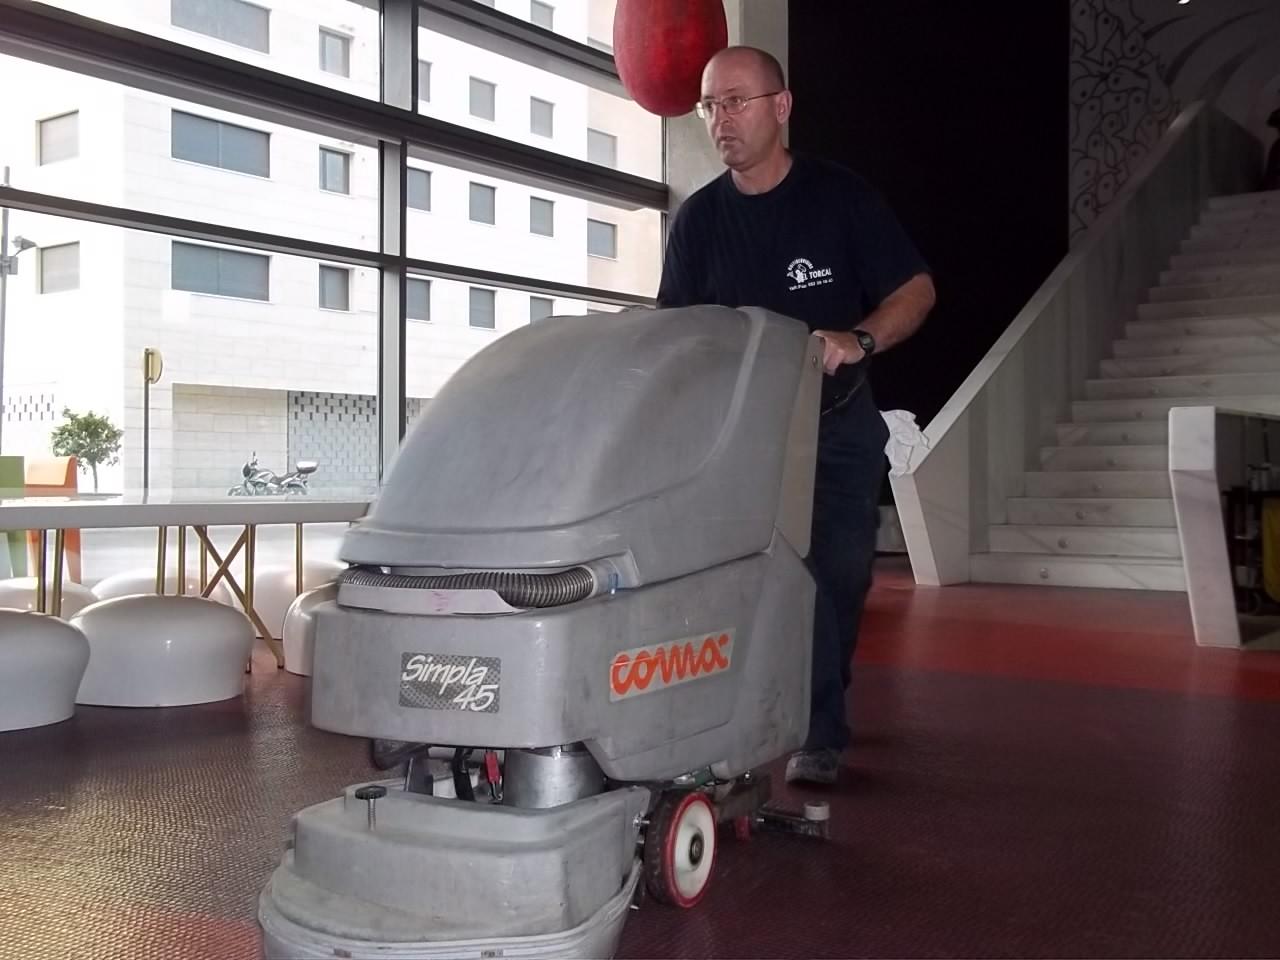 Empresas de limpieza en malaga limpieza malaga - Empresas de limpieza en fuenlabrada ...